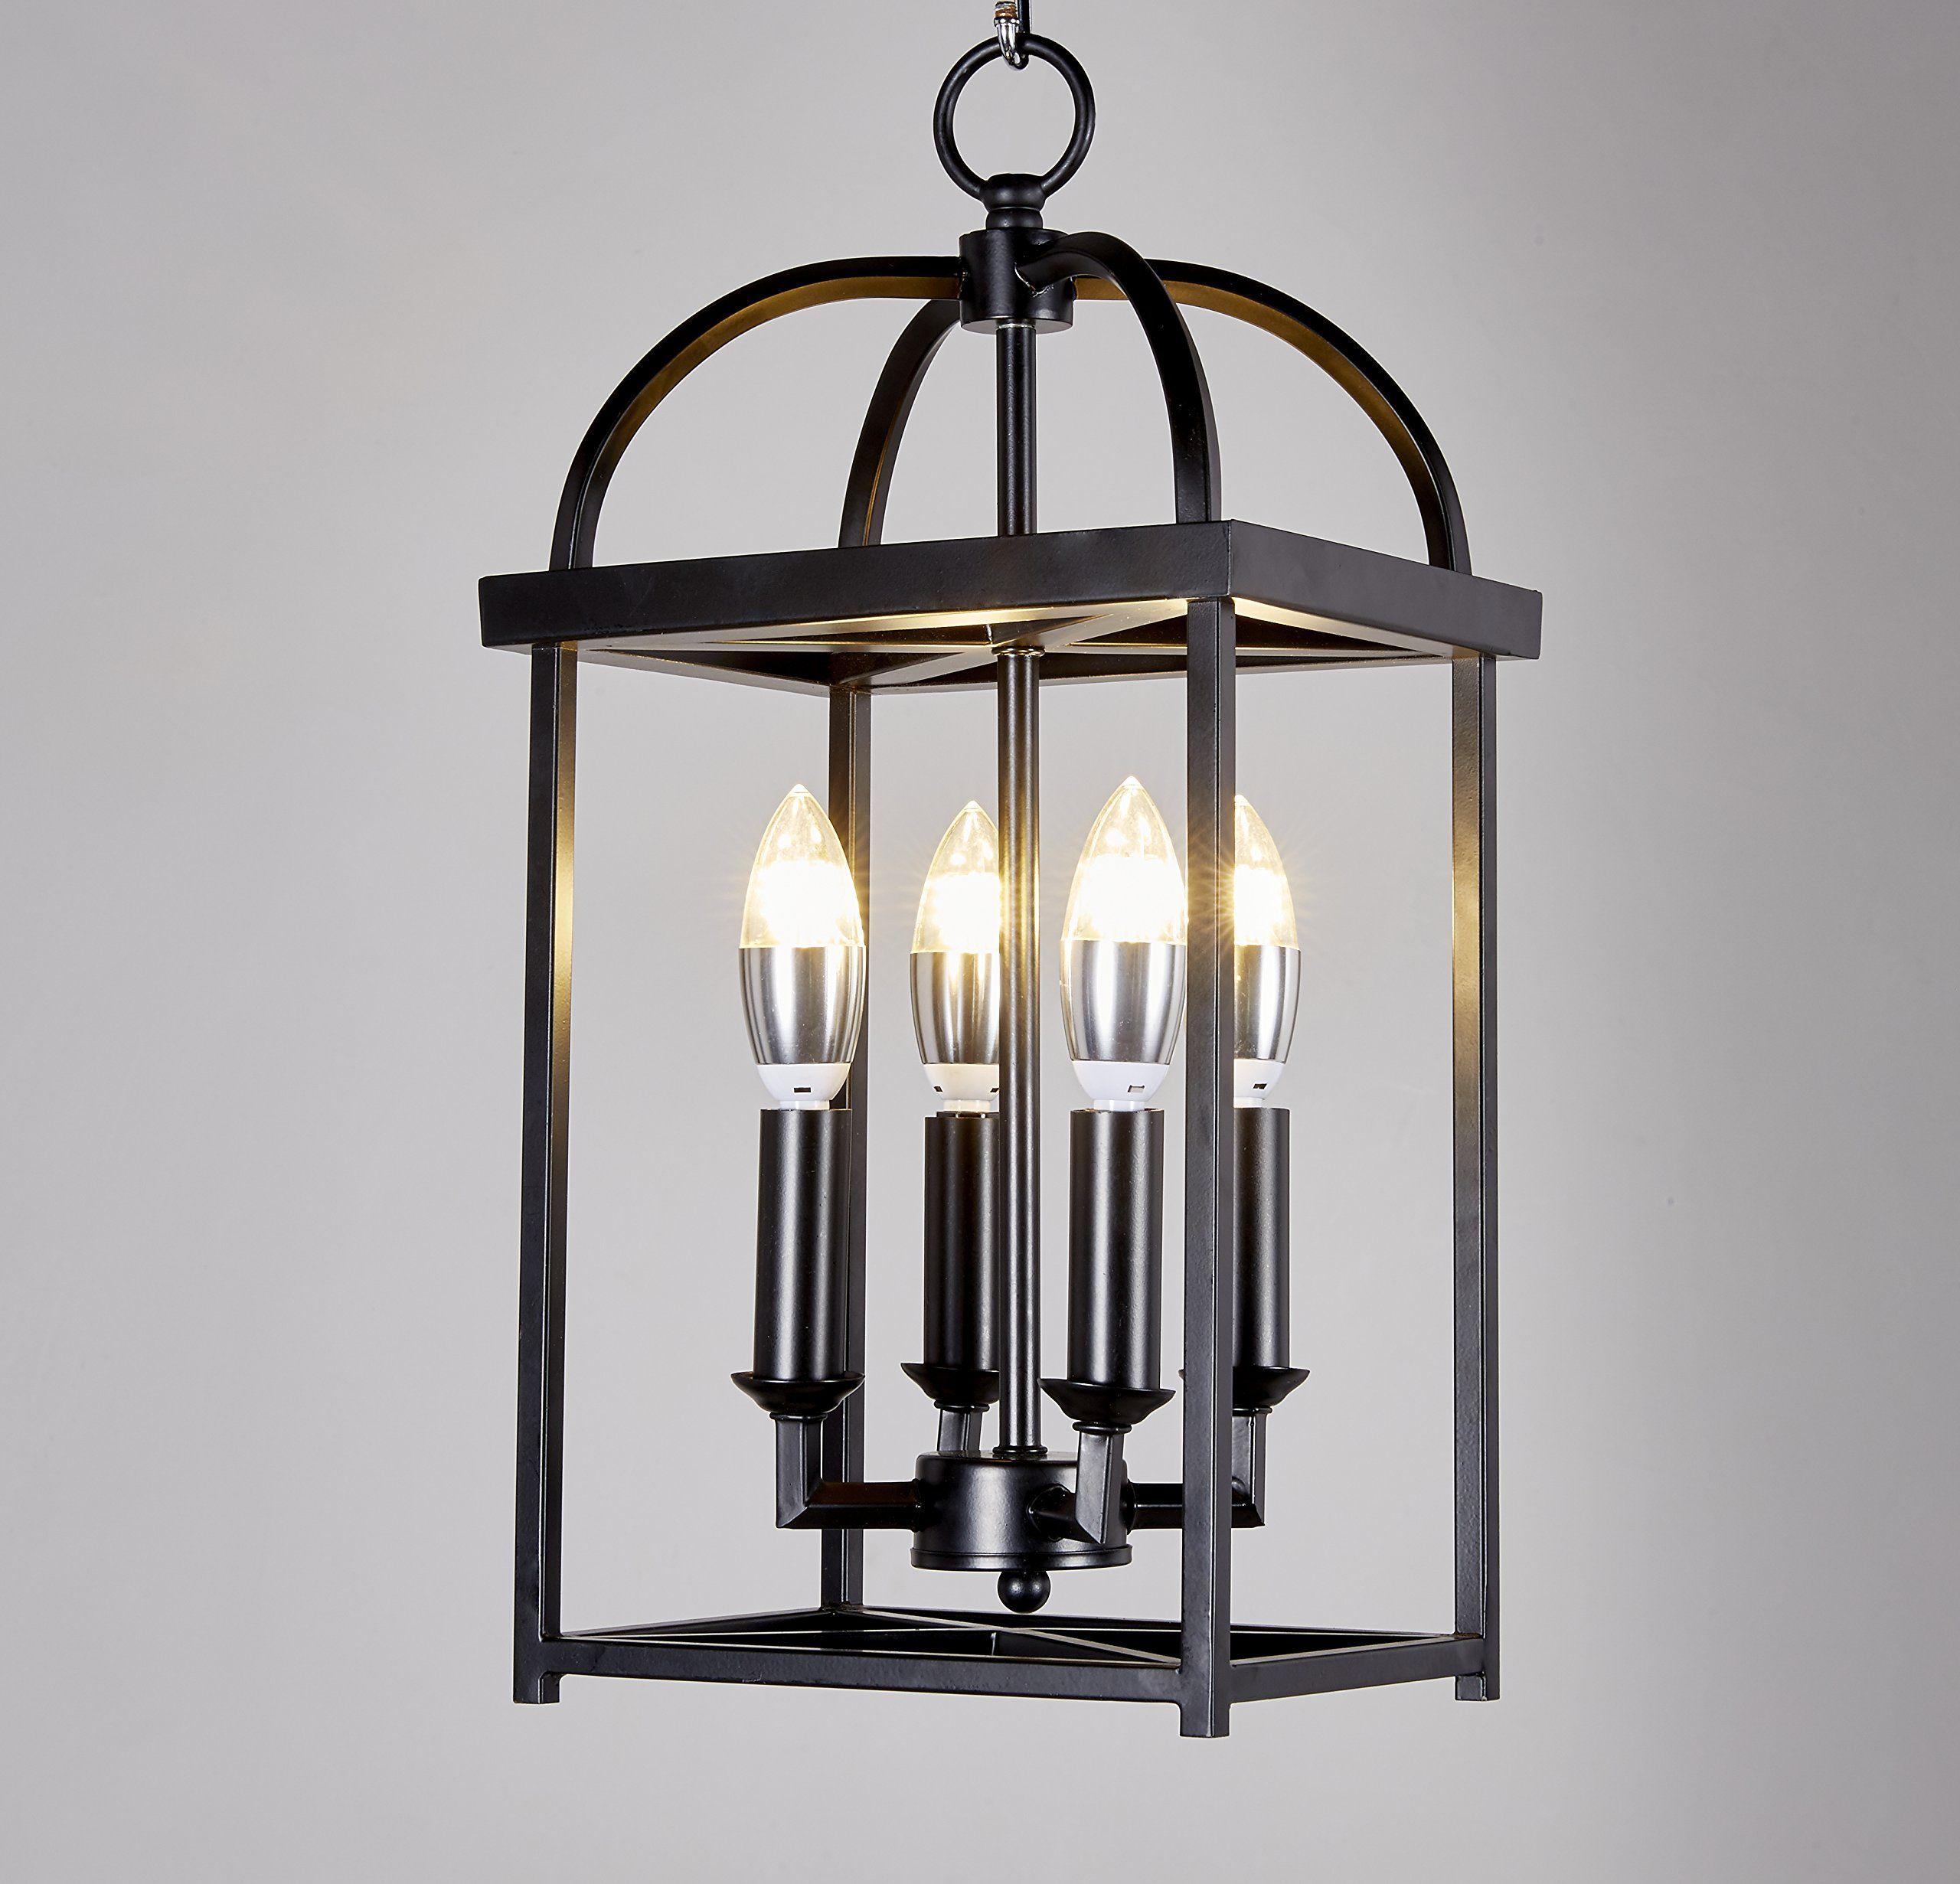 Top Lighting Antique Black finish 4-light Hanging Lantern Iron Frame ...